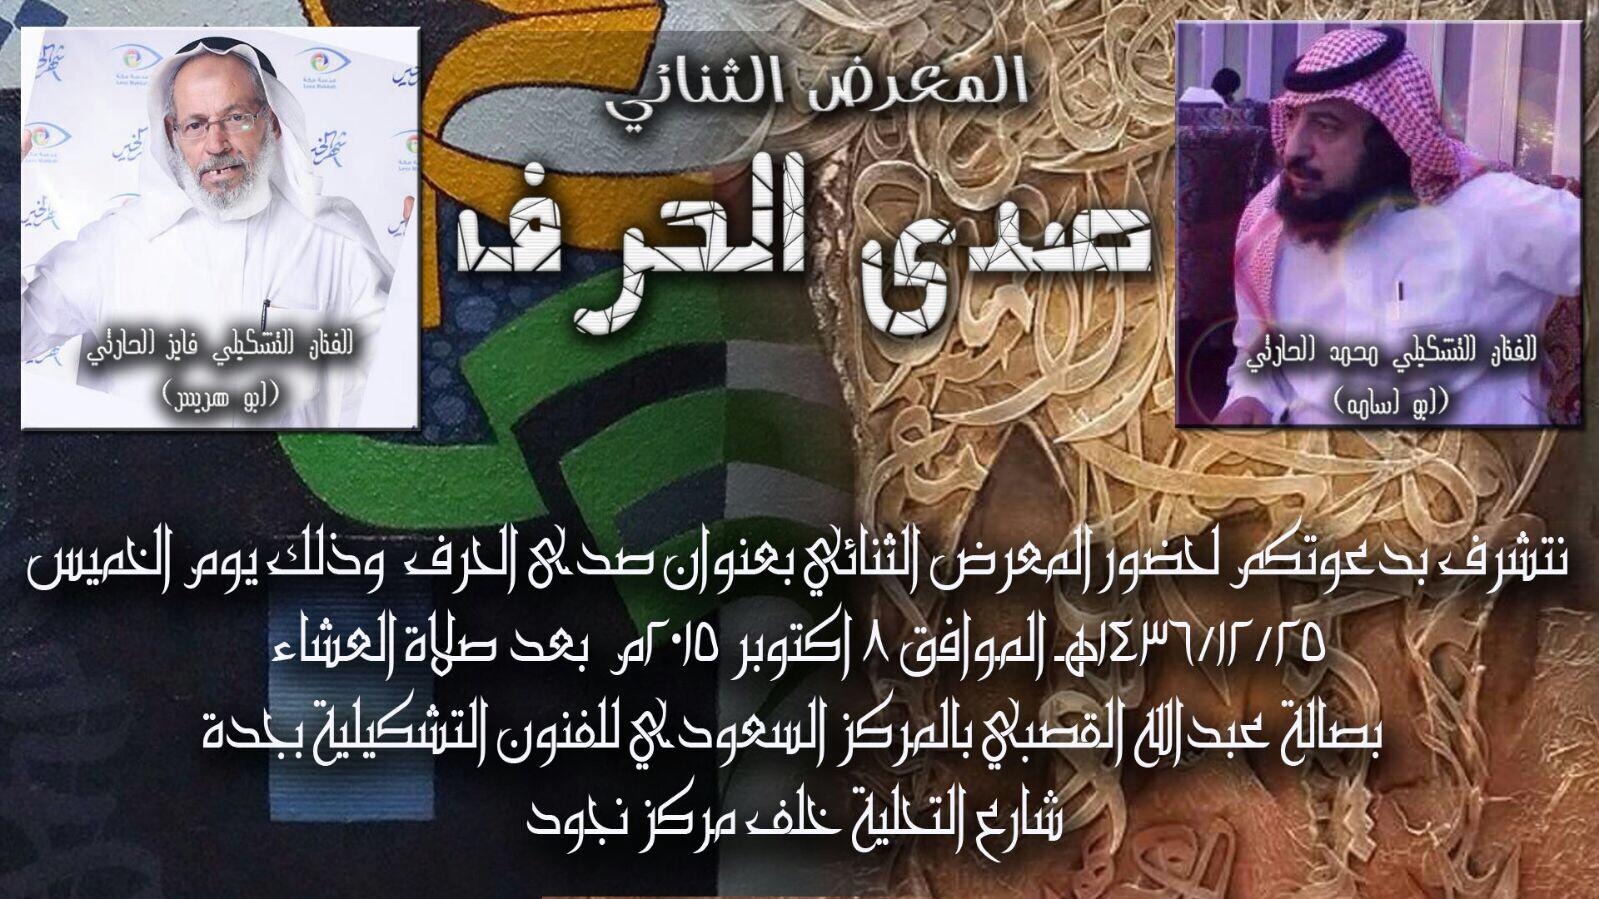 معرض تشكيلي لأبو هريس والحارثي في حب الحرف العربي - المواطن